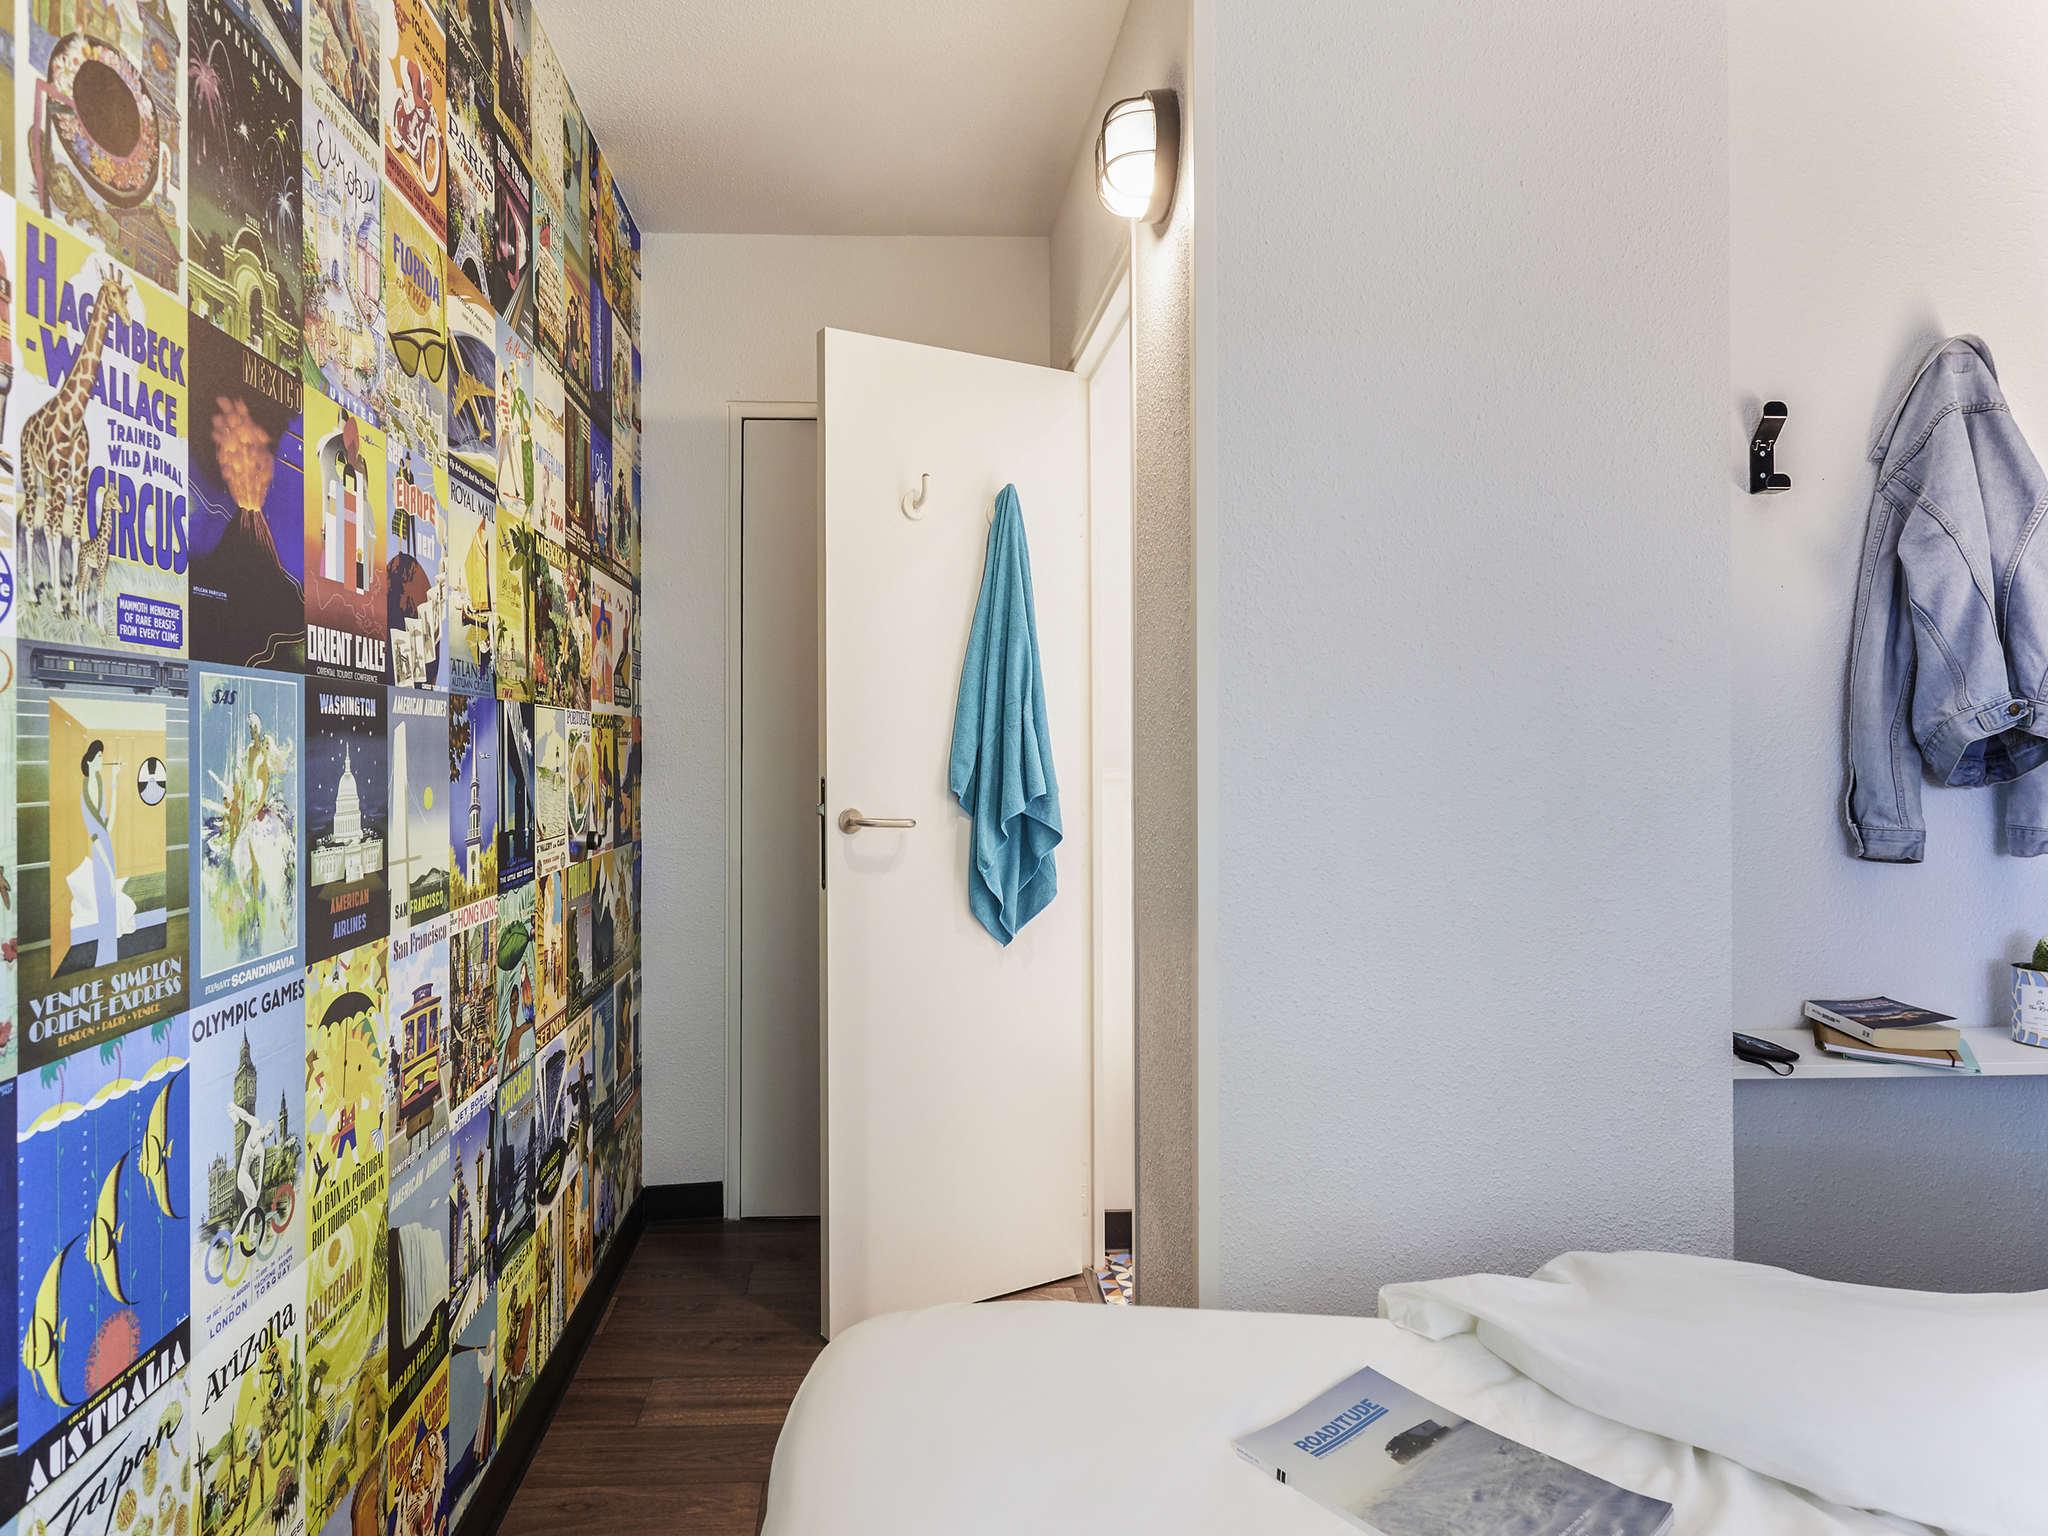 โรงแรม – hotelF1 Marne-la-Vallée Collégien (rénové)